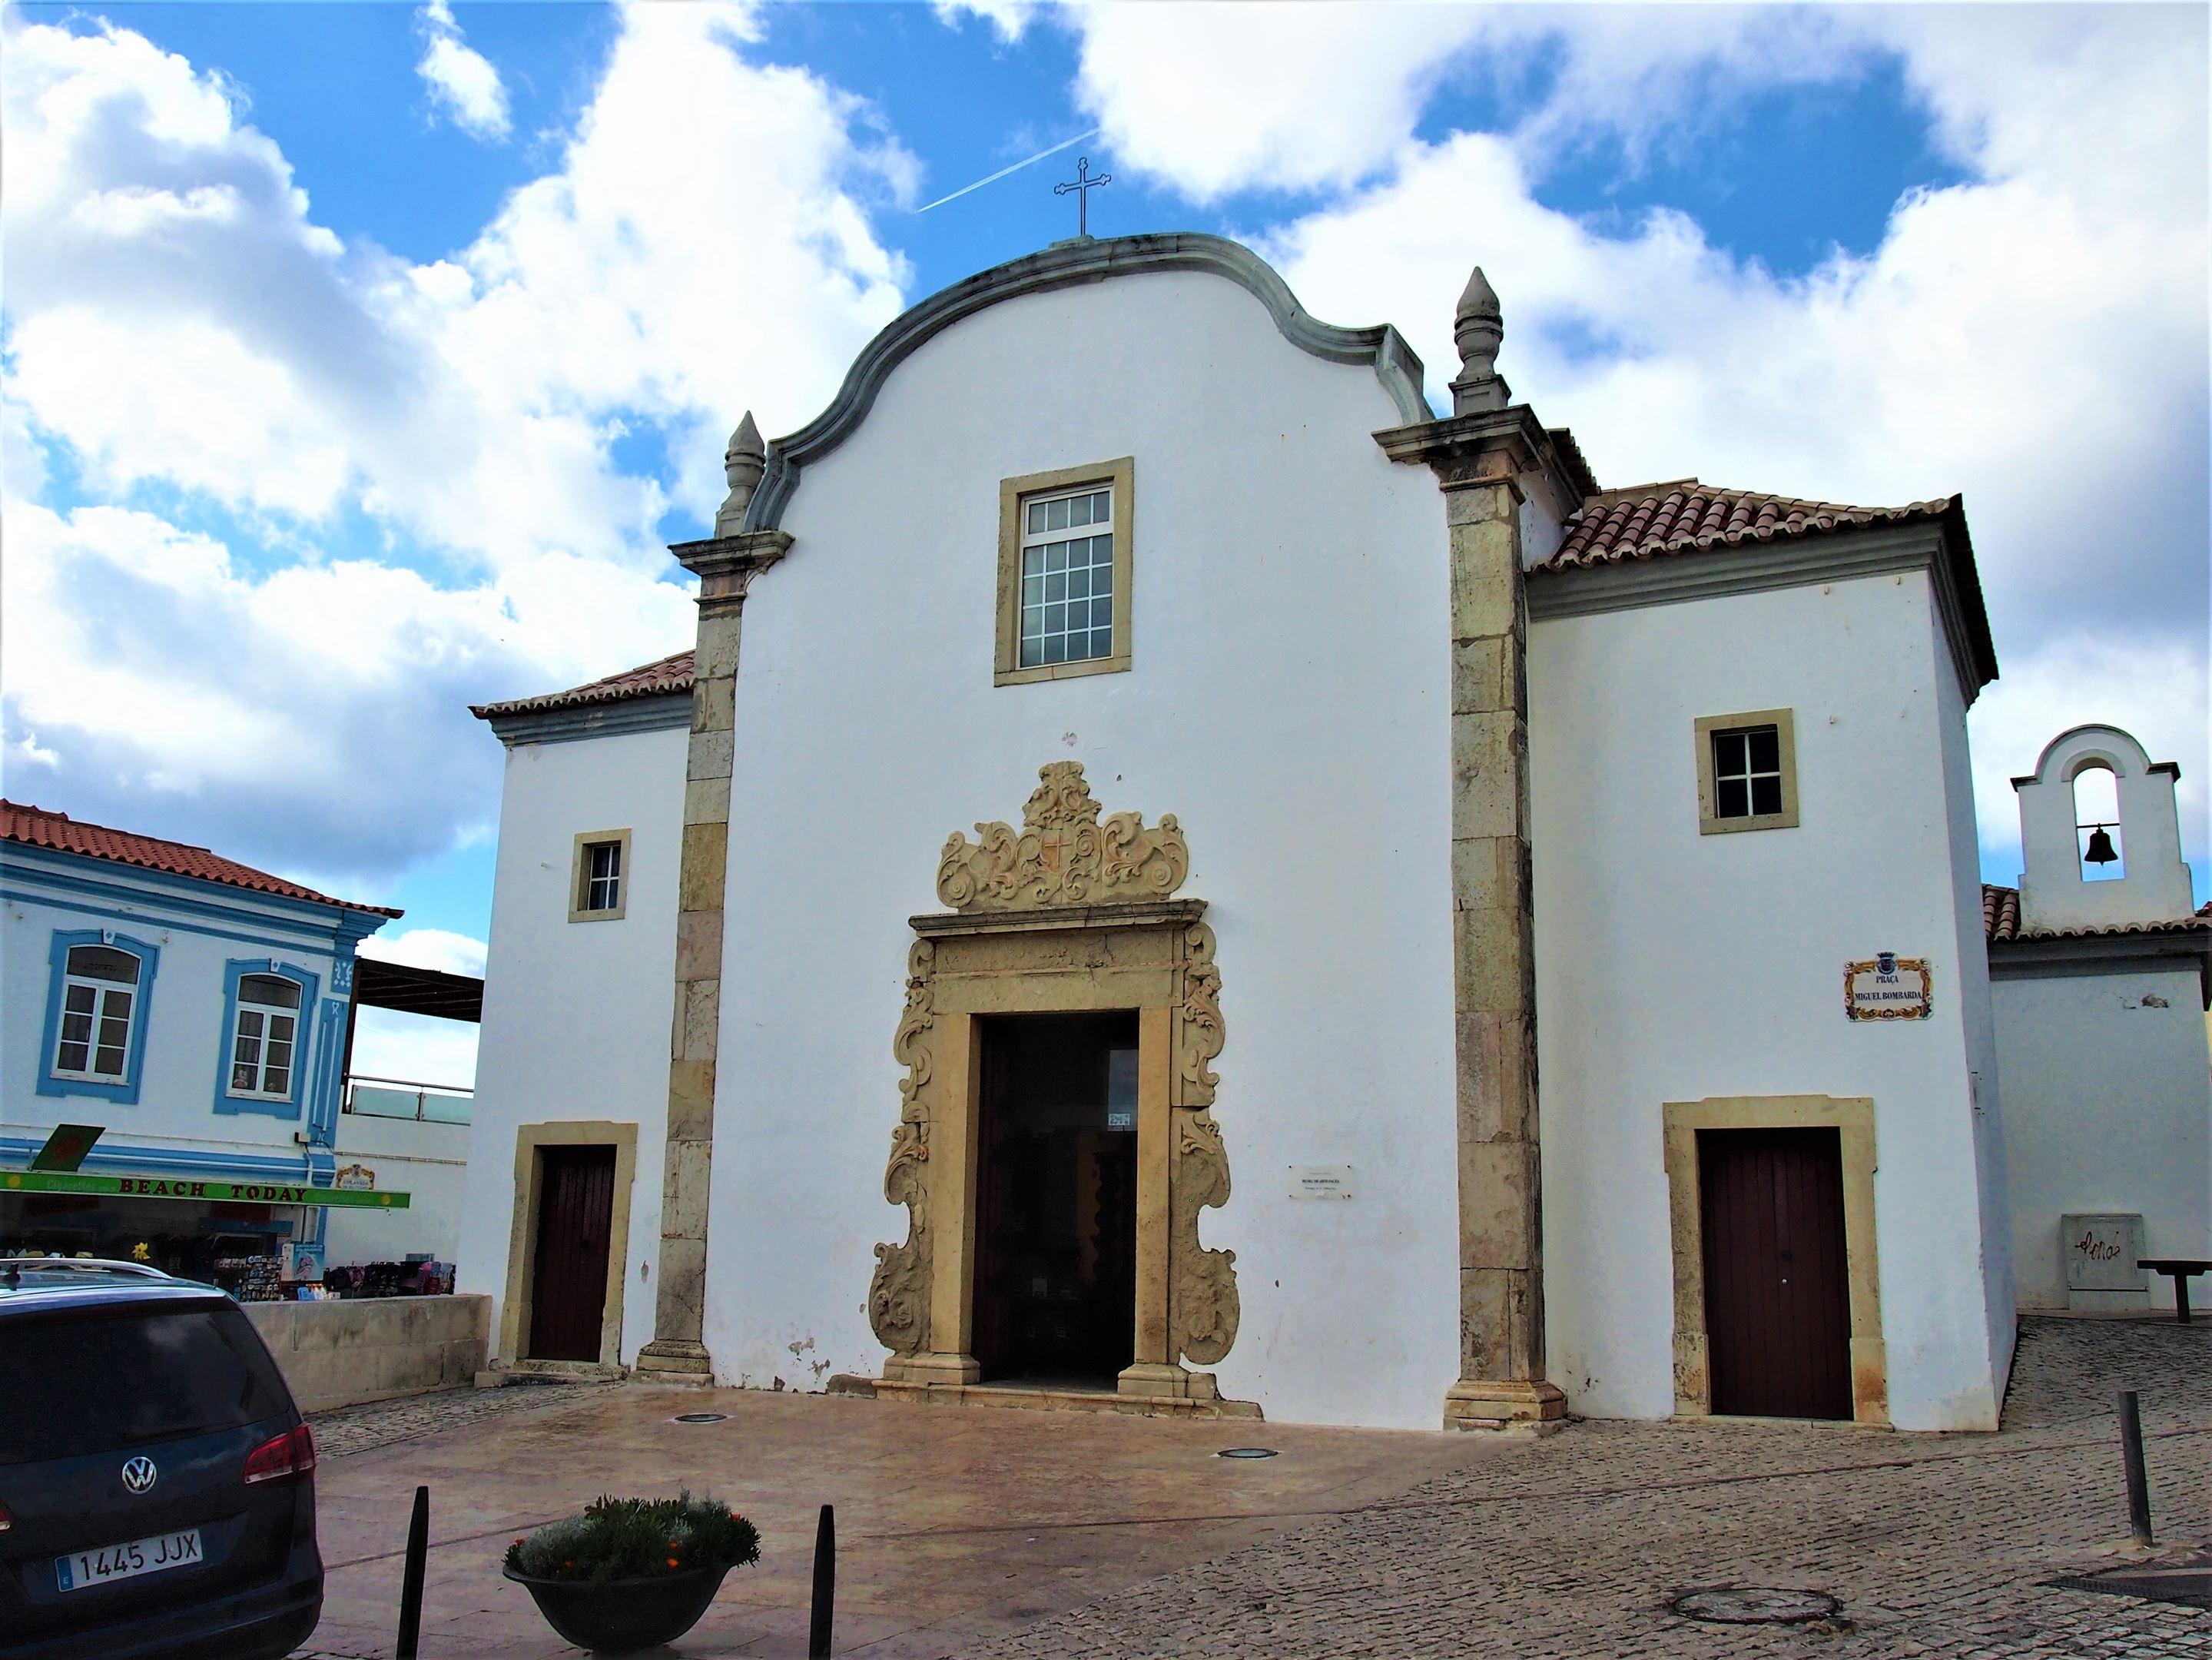 Igreja de São Sebastião, церковь, в которой находится Музей духовного искусства, Албуфейра.